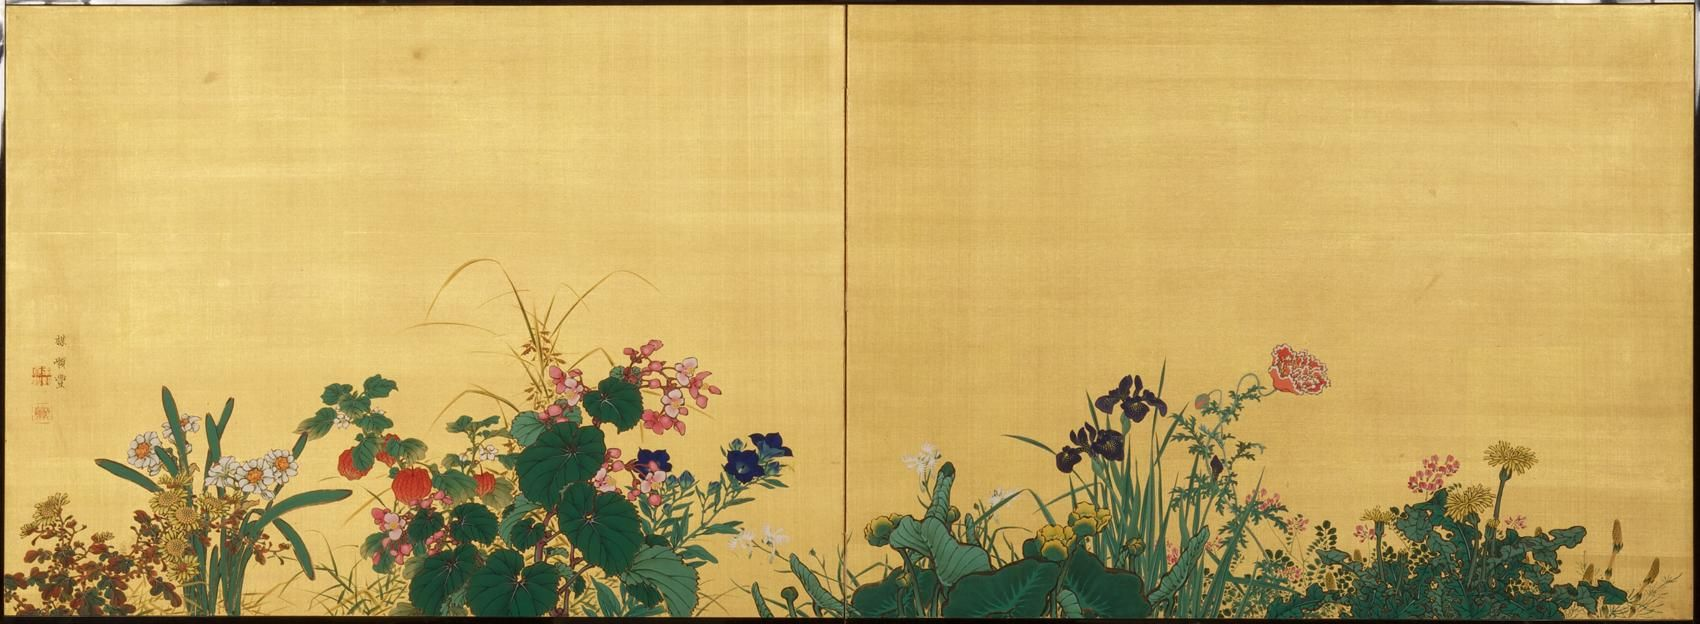 Kono Bairei (1844-95)